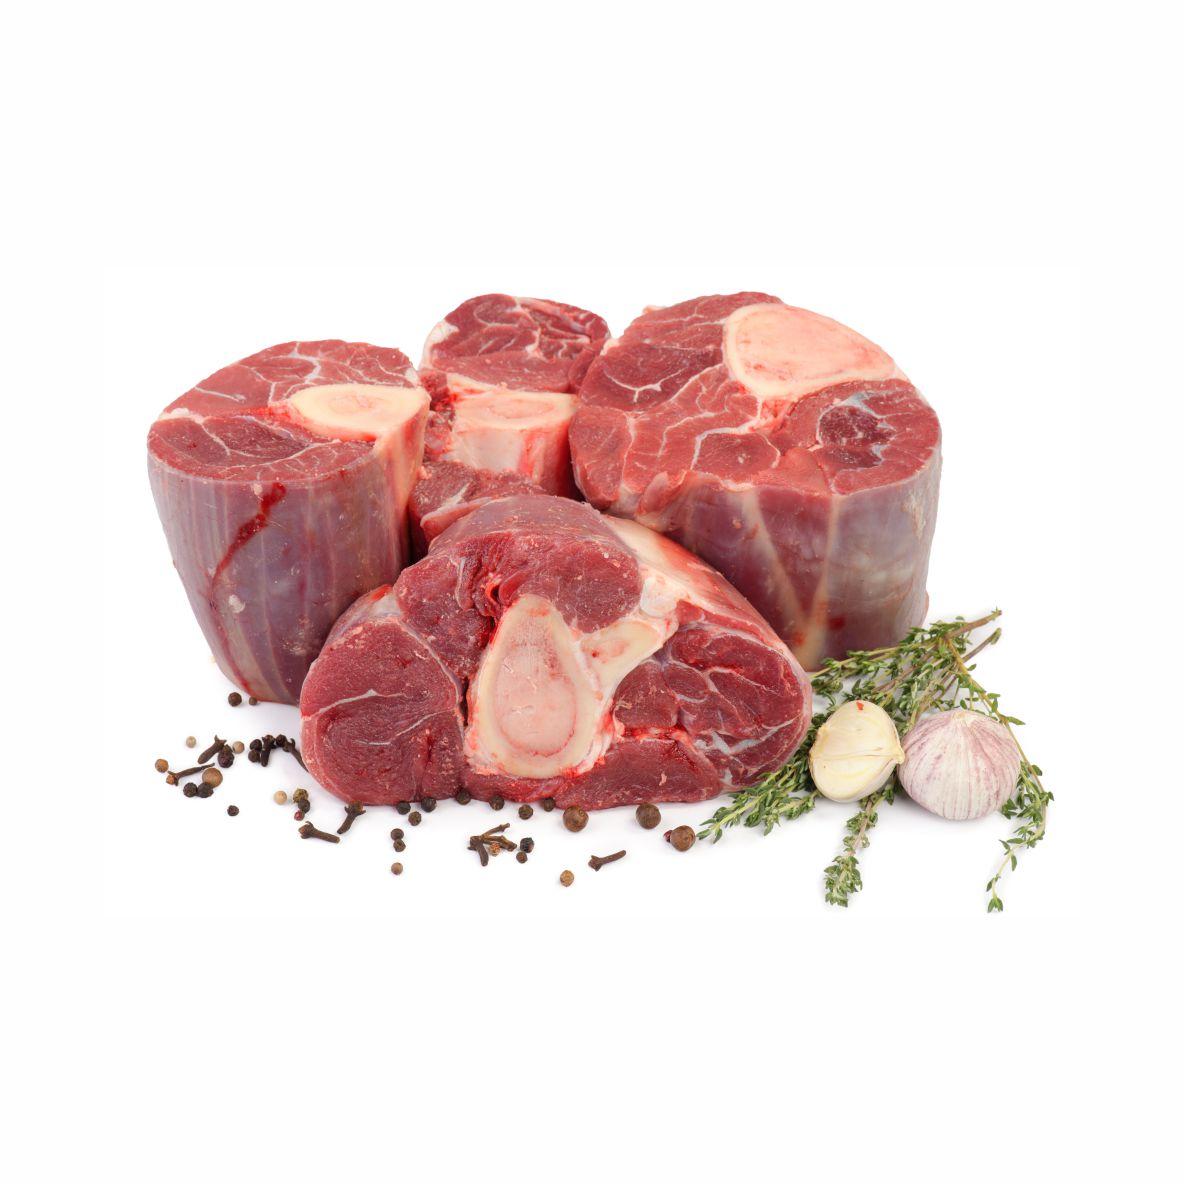 Говяжья голень - описание, состав, калорийность и пищевая ценность - patee. рецепты